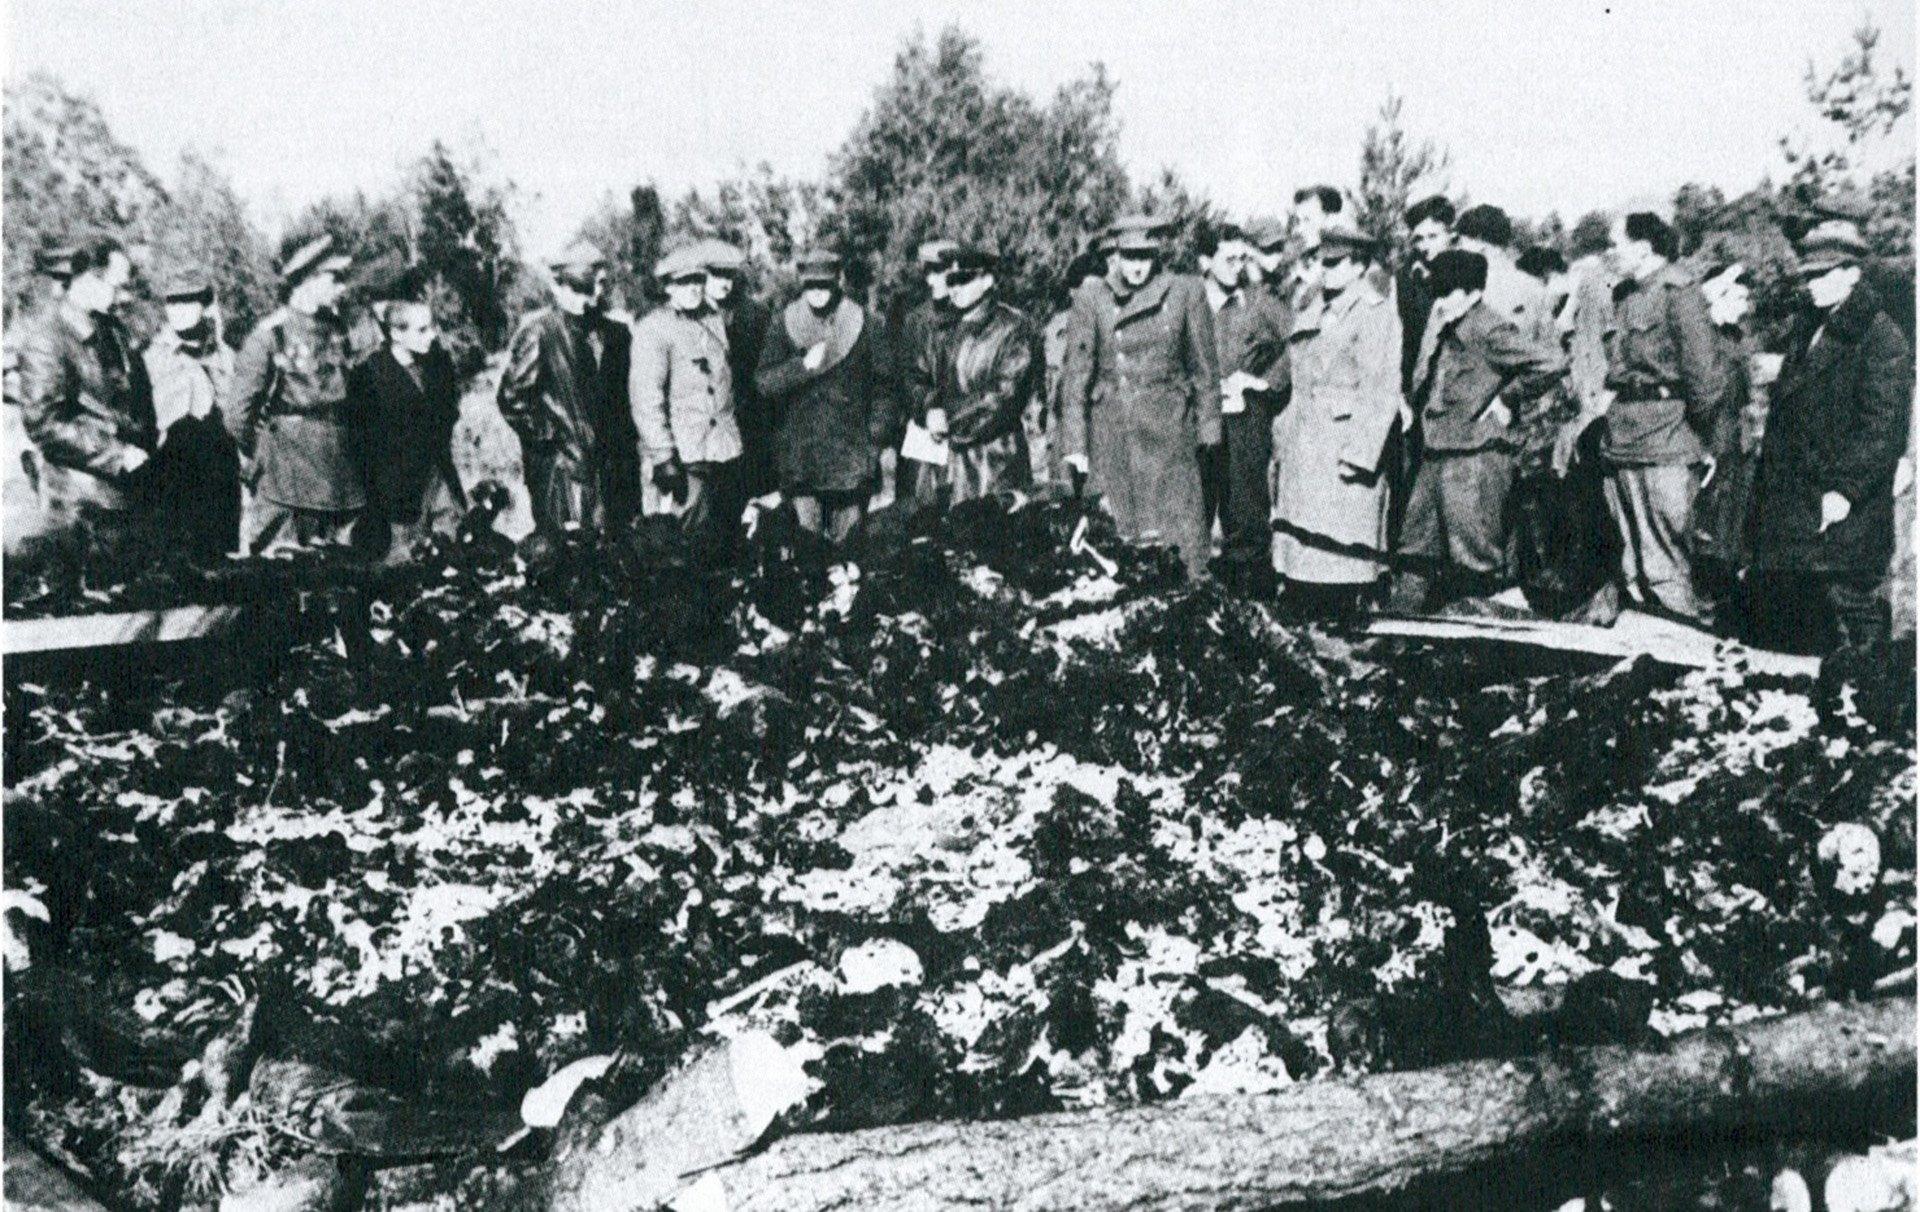 Soldados soviéticos contemplan los cadáveres carbonizados del recintro secundario de Klooga (Estonia). El 19 de septiembre de 1944, poco antes de la llegada del Ejército Rojo, la SS había exterminado a los reclusos e incendiado el campo de concentración.